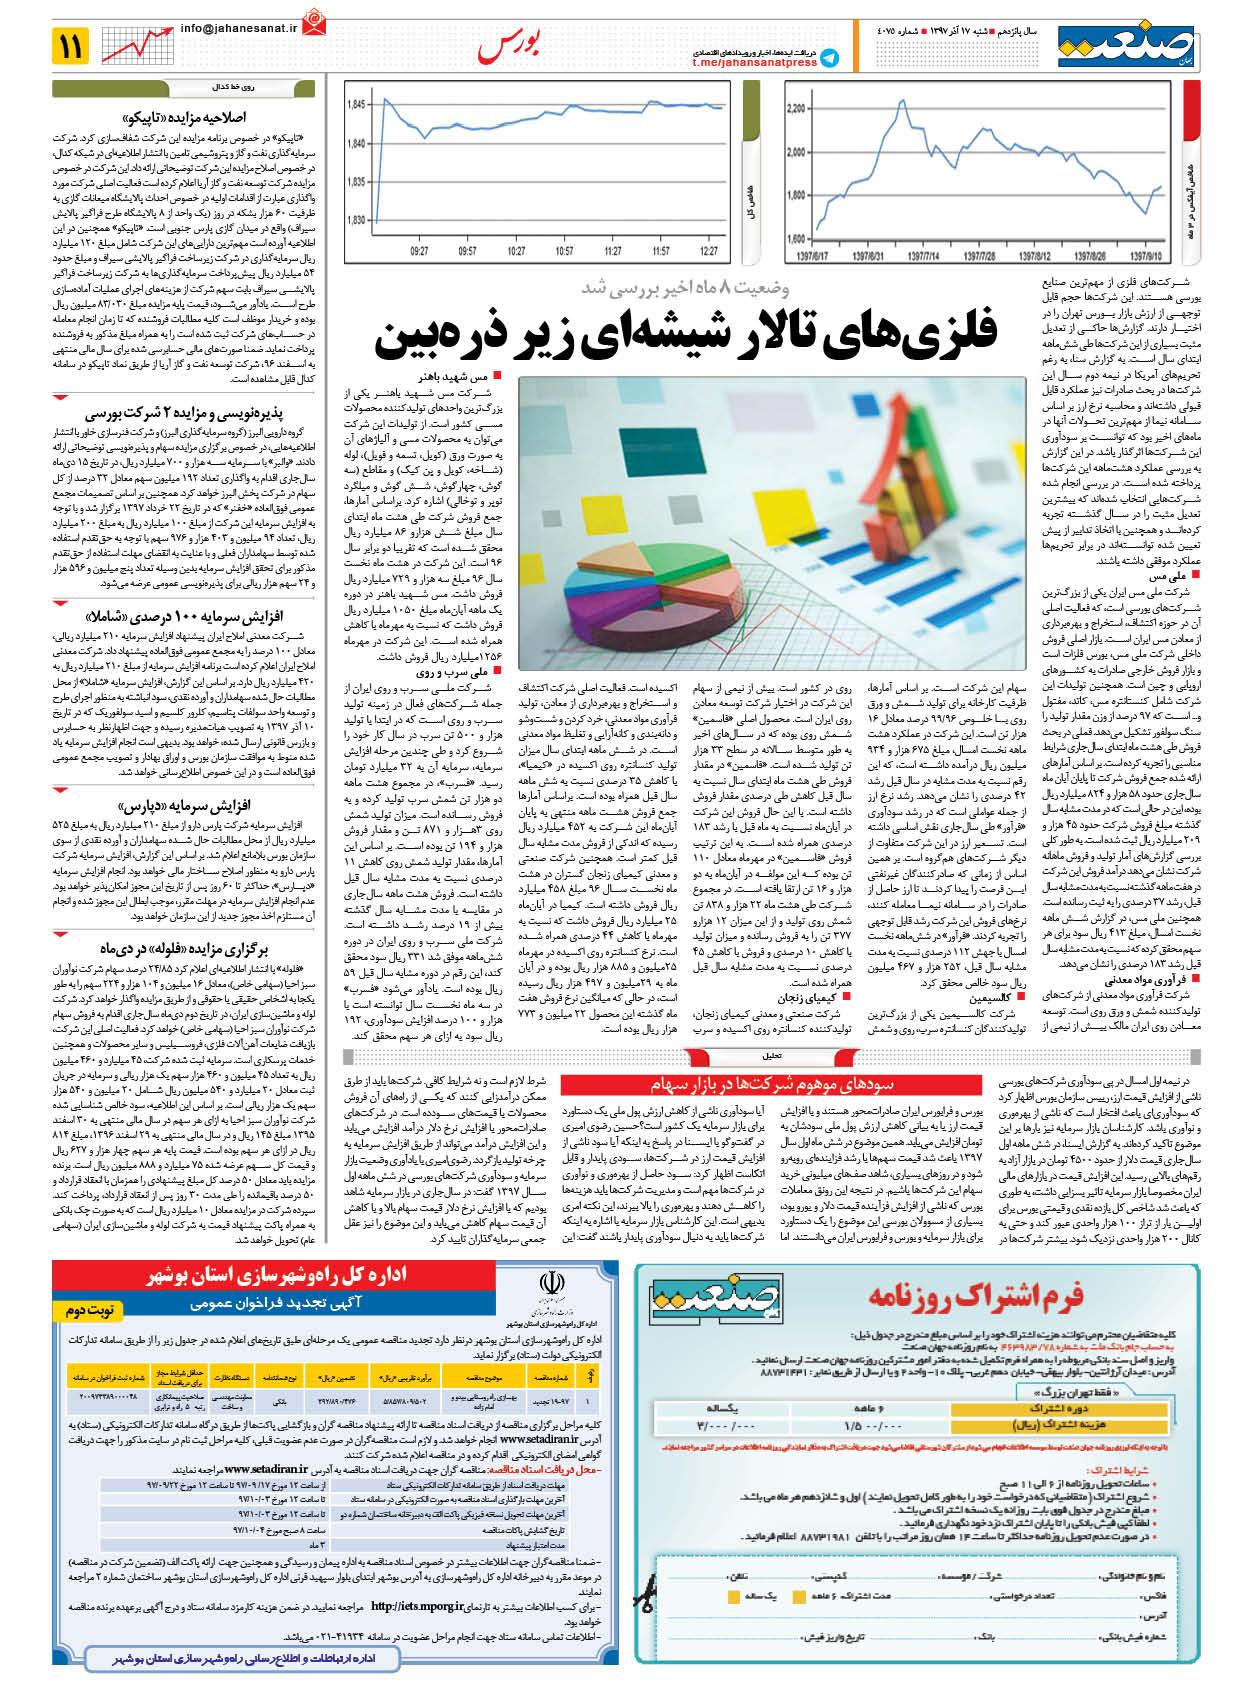 صفحه ۱۱ – ۲۴ اسفند ۱۳۹۸